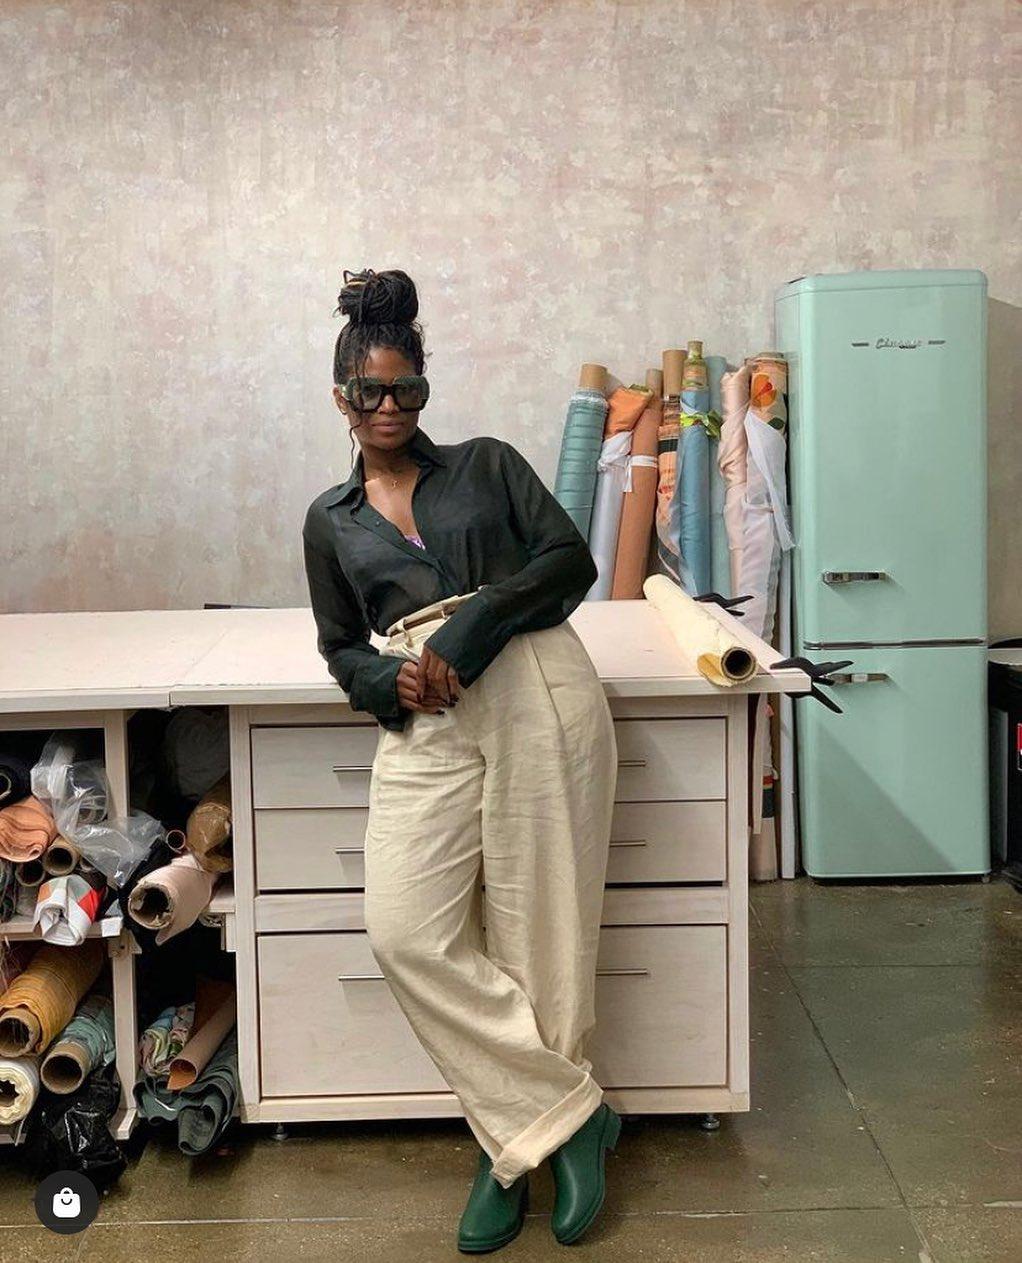 La herencia caribeña de Fe Noel está muy presente en los diseños de su marca en Brooklyn. Se estrenó en la industria a los 19 con una tienda de ropa 'vintage' desde la que fue dibujando su proyecto hasta hacerlo realidad, y al que ha añadido una fundación para ayudar a jóvenes emprendedoras. También su país de nacimiento, Nigeria, sirve de inspiración para los colores y estampados de Andrea Iyamah, otra diseñadora en ascenso que destaca especialmente en la moda de baño.